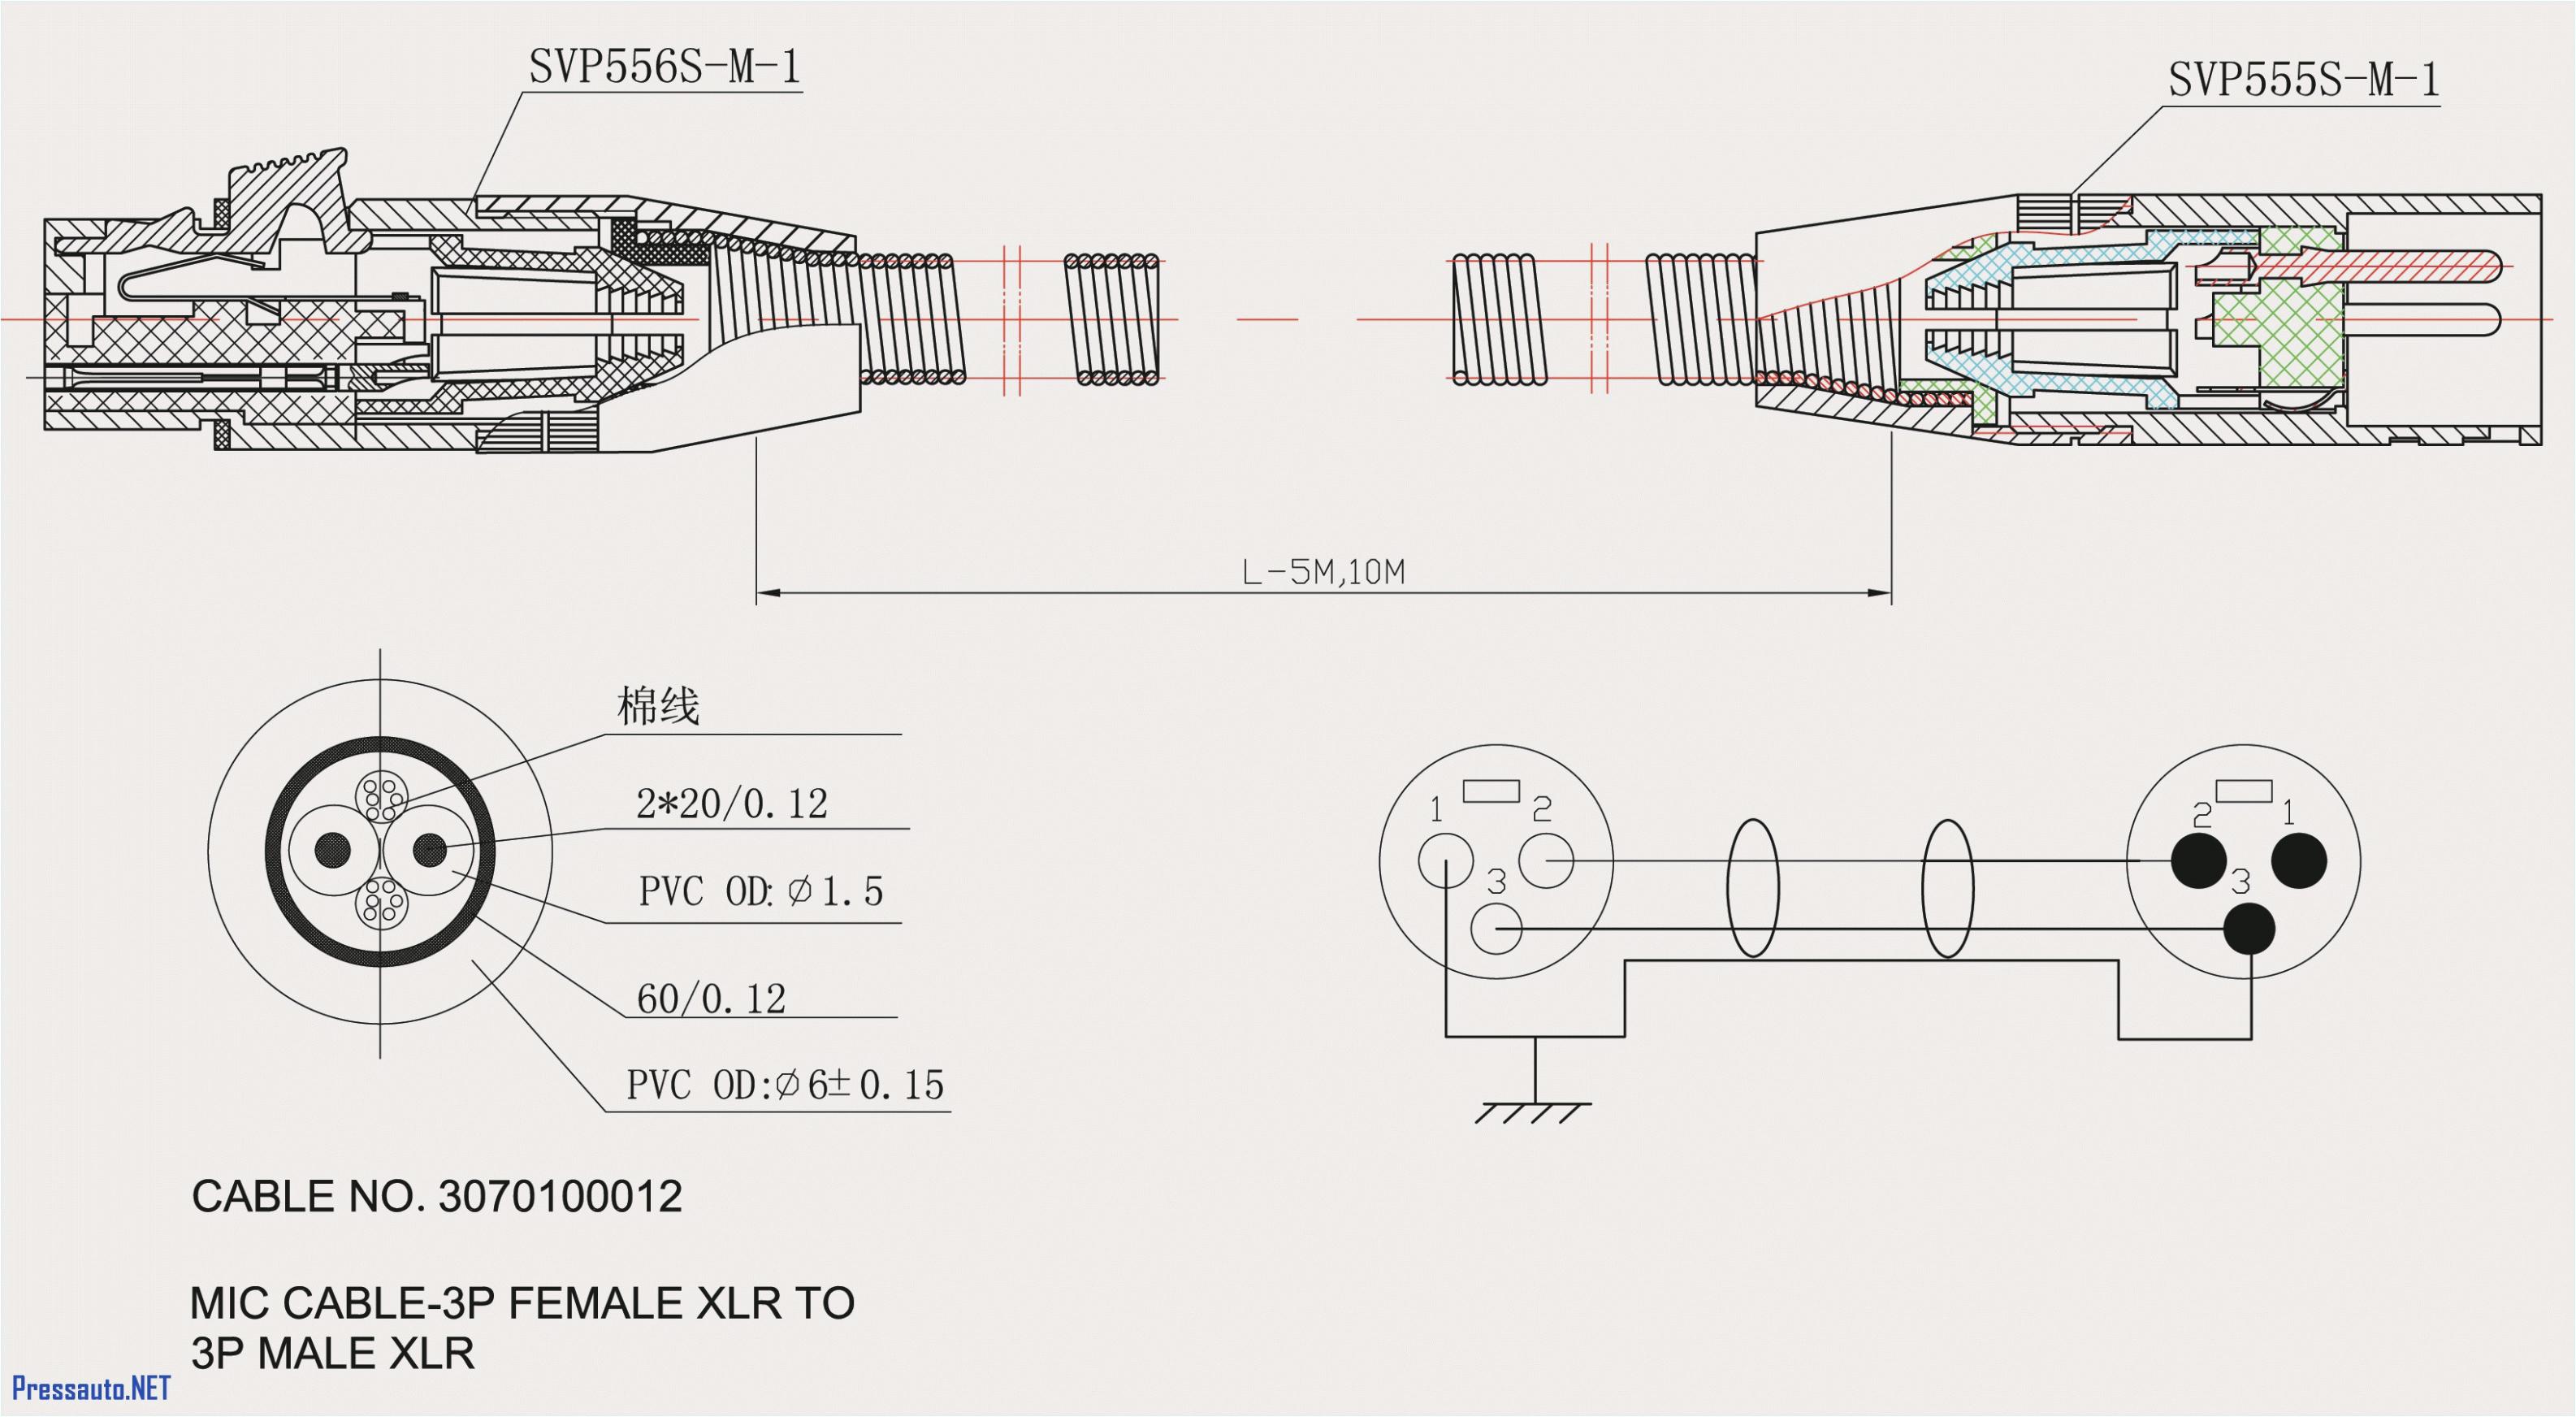 headset wire diagram 7 schema diagram database headset wire diagram 7